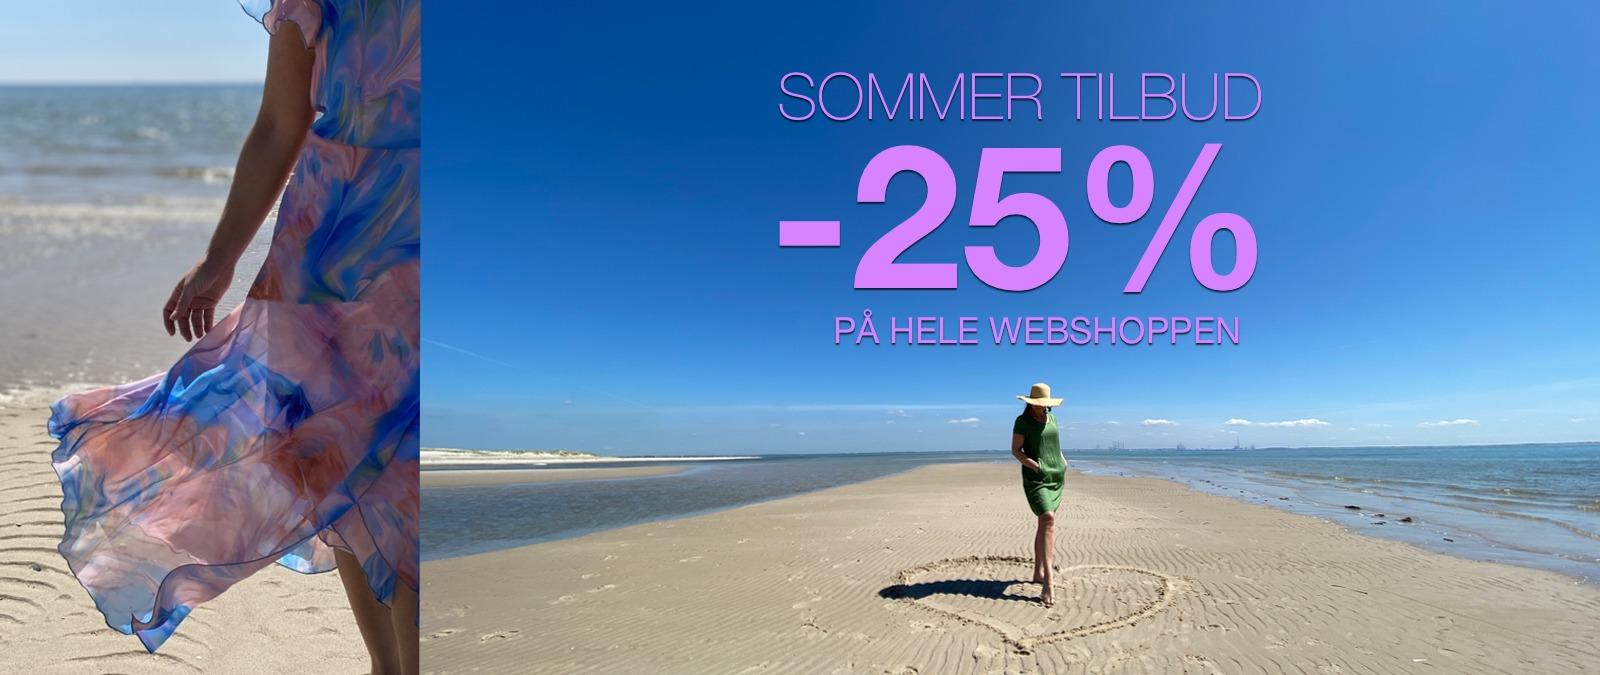 sommer tilbud header